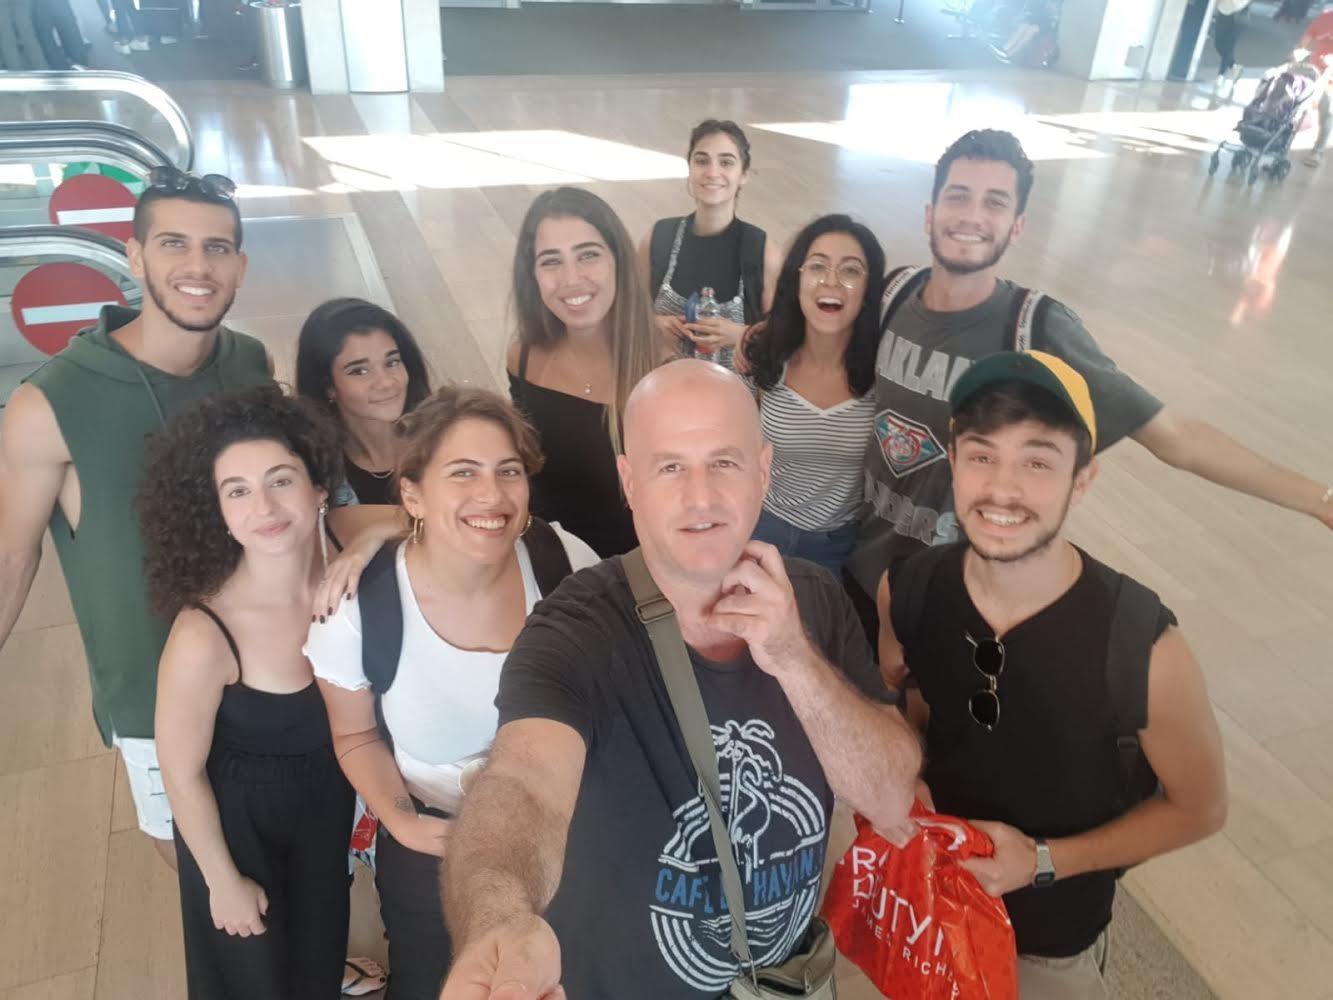 קבוצת שחקני הסטודיו והקהילה בפרויייקט בינלאומי בסלובניה